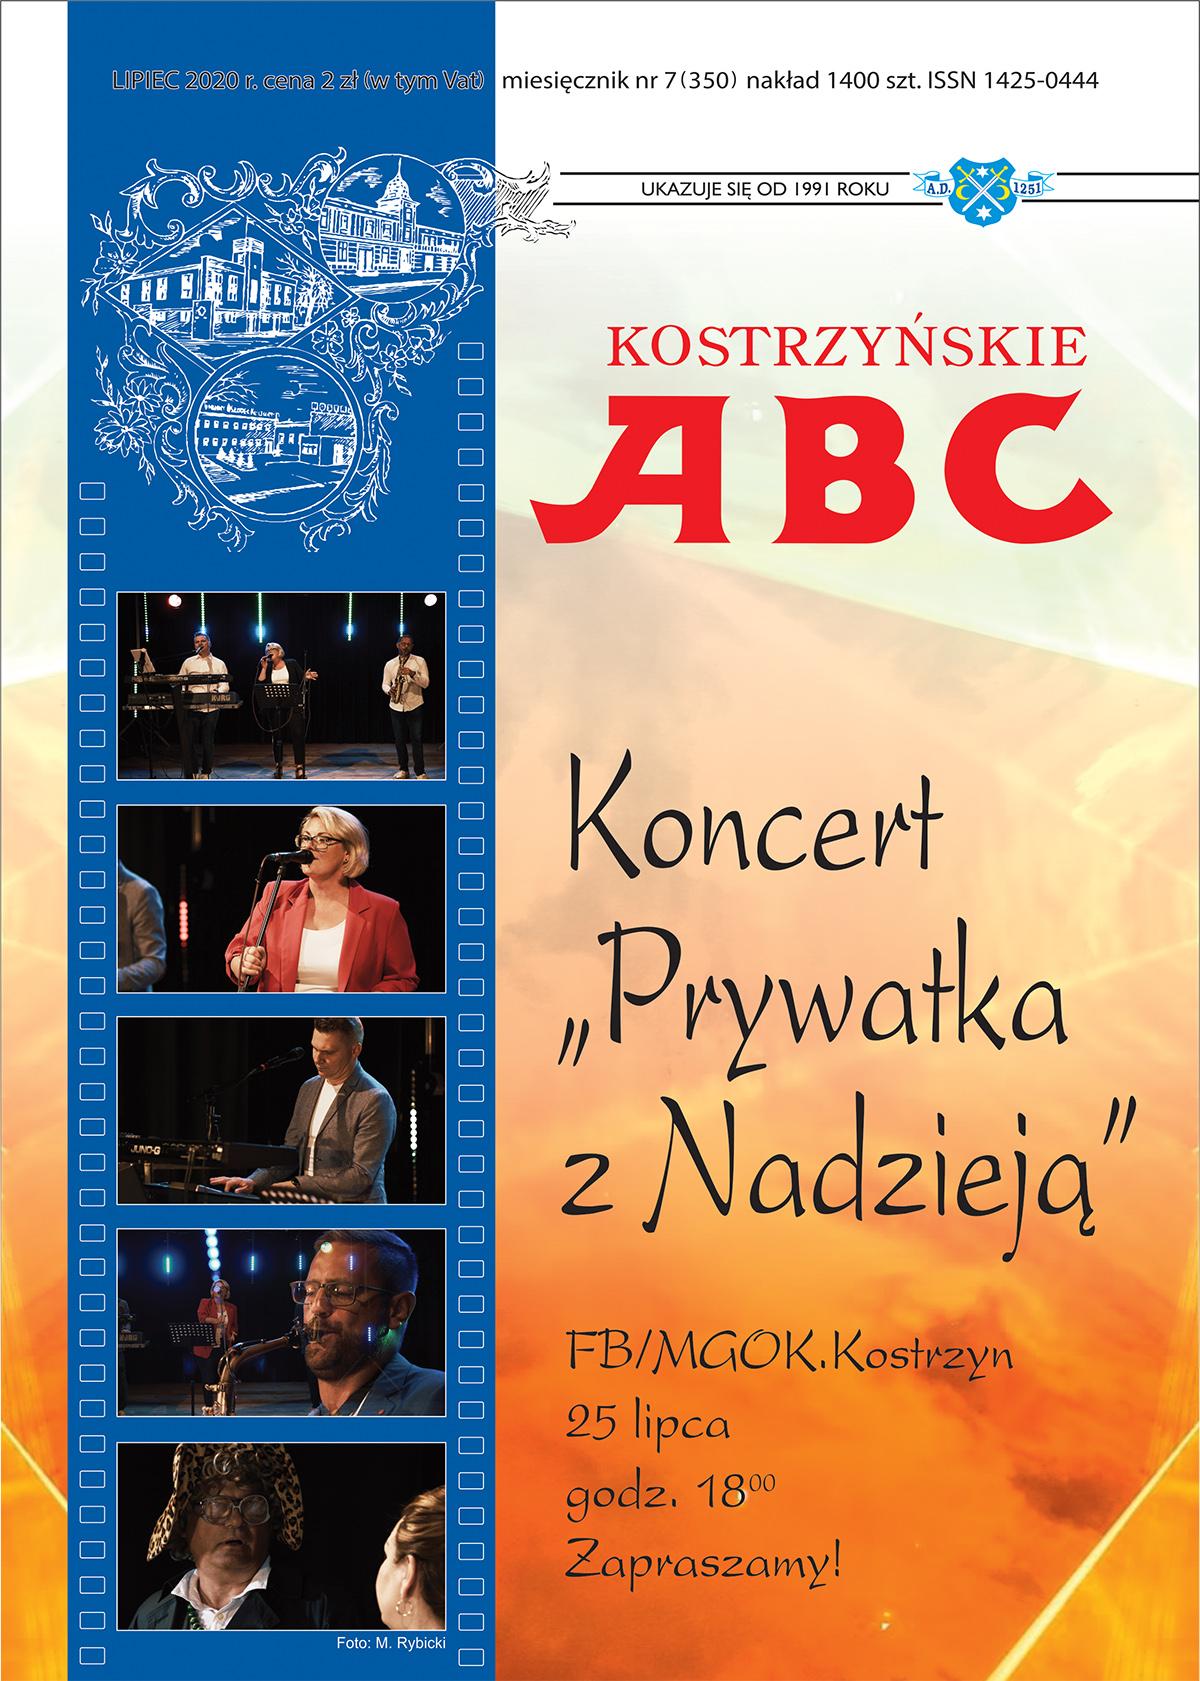 Okładka Kostrzyńskiego ABC miesiąc lipiec